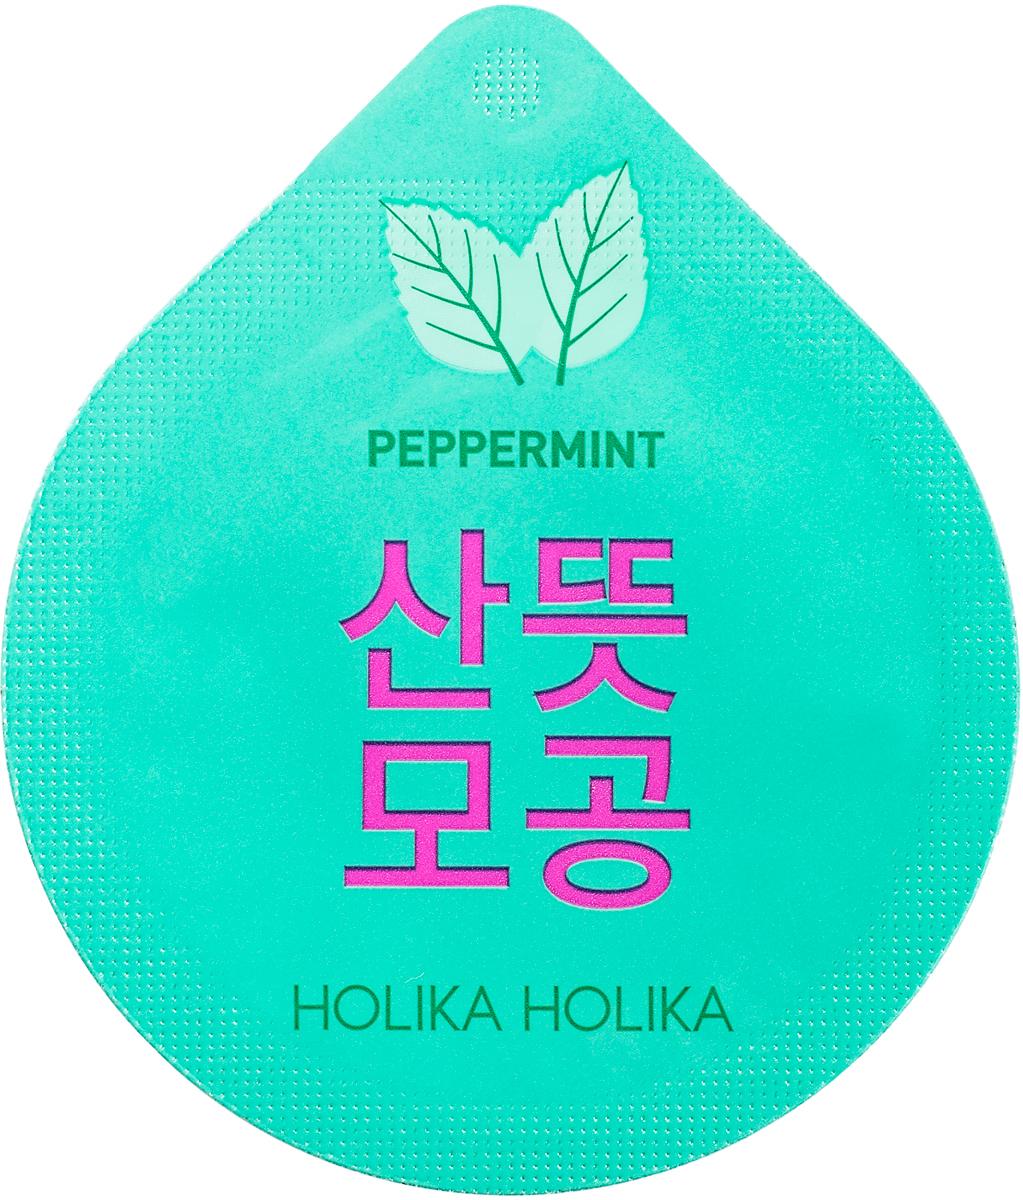 Holika Holika КапсульнаясмываемаямаскаSuperfood,очищающаяпоры,10г holika holika очищающая полоска для носа пиг ноуз 1 шт 1 г